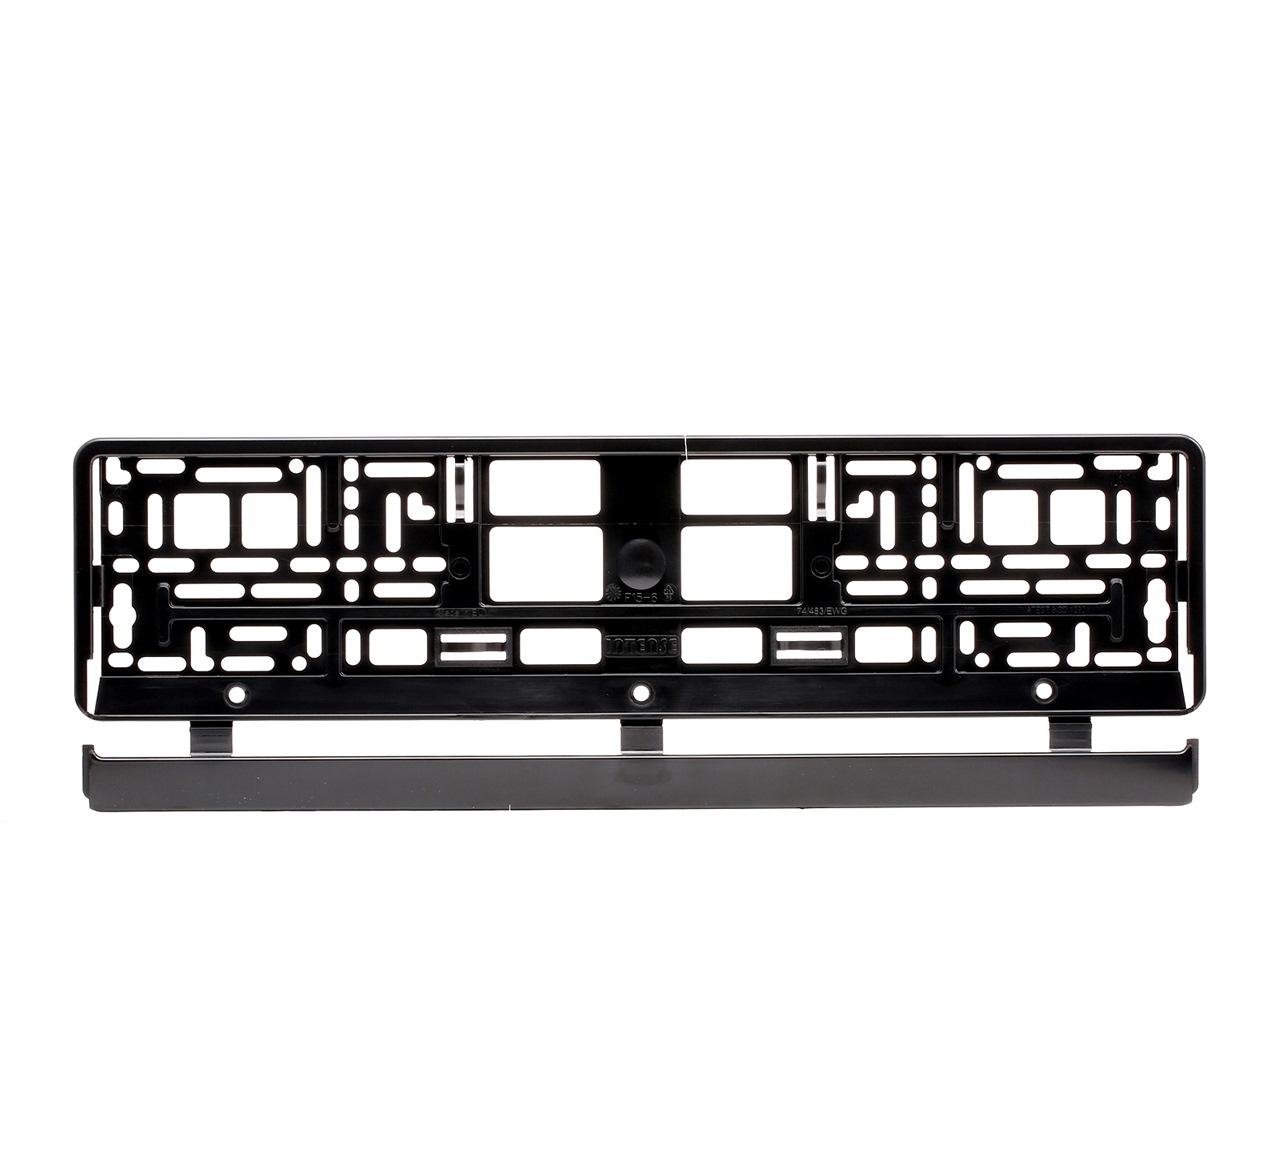 93-001 VIRAGE schwarz Qualität: PP/PS Kennzeichenhalter 93-001 kaufen